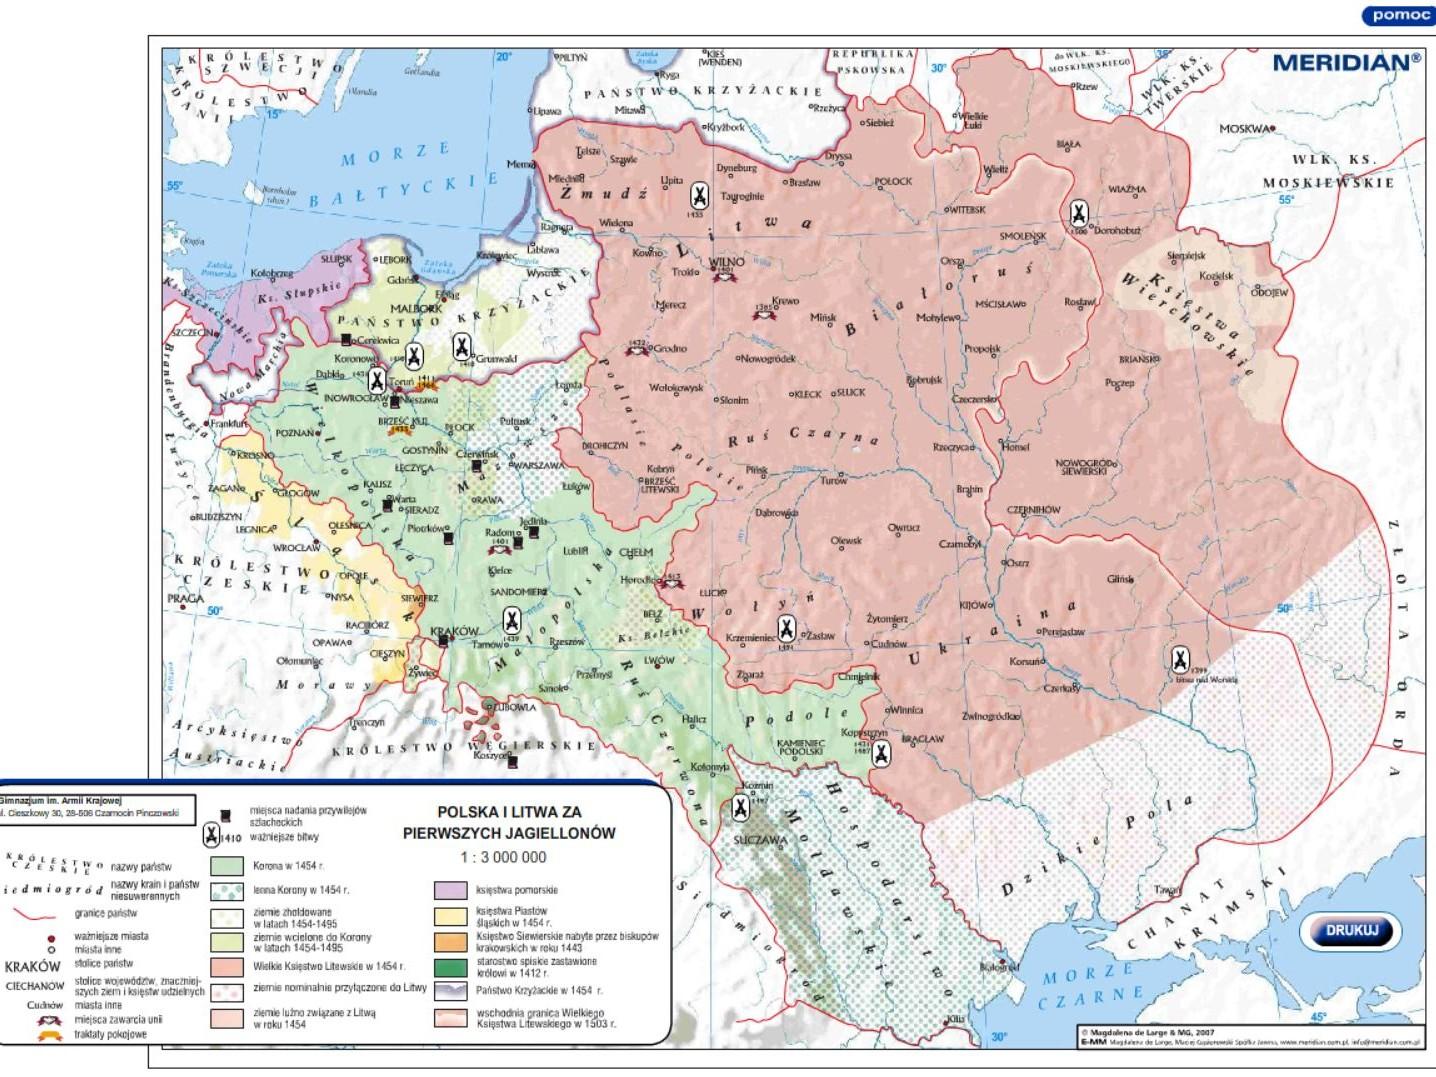 Polska i Litwa za pierwszych Jagiellonów